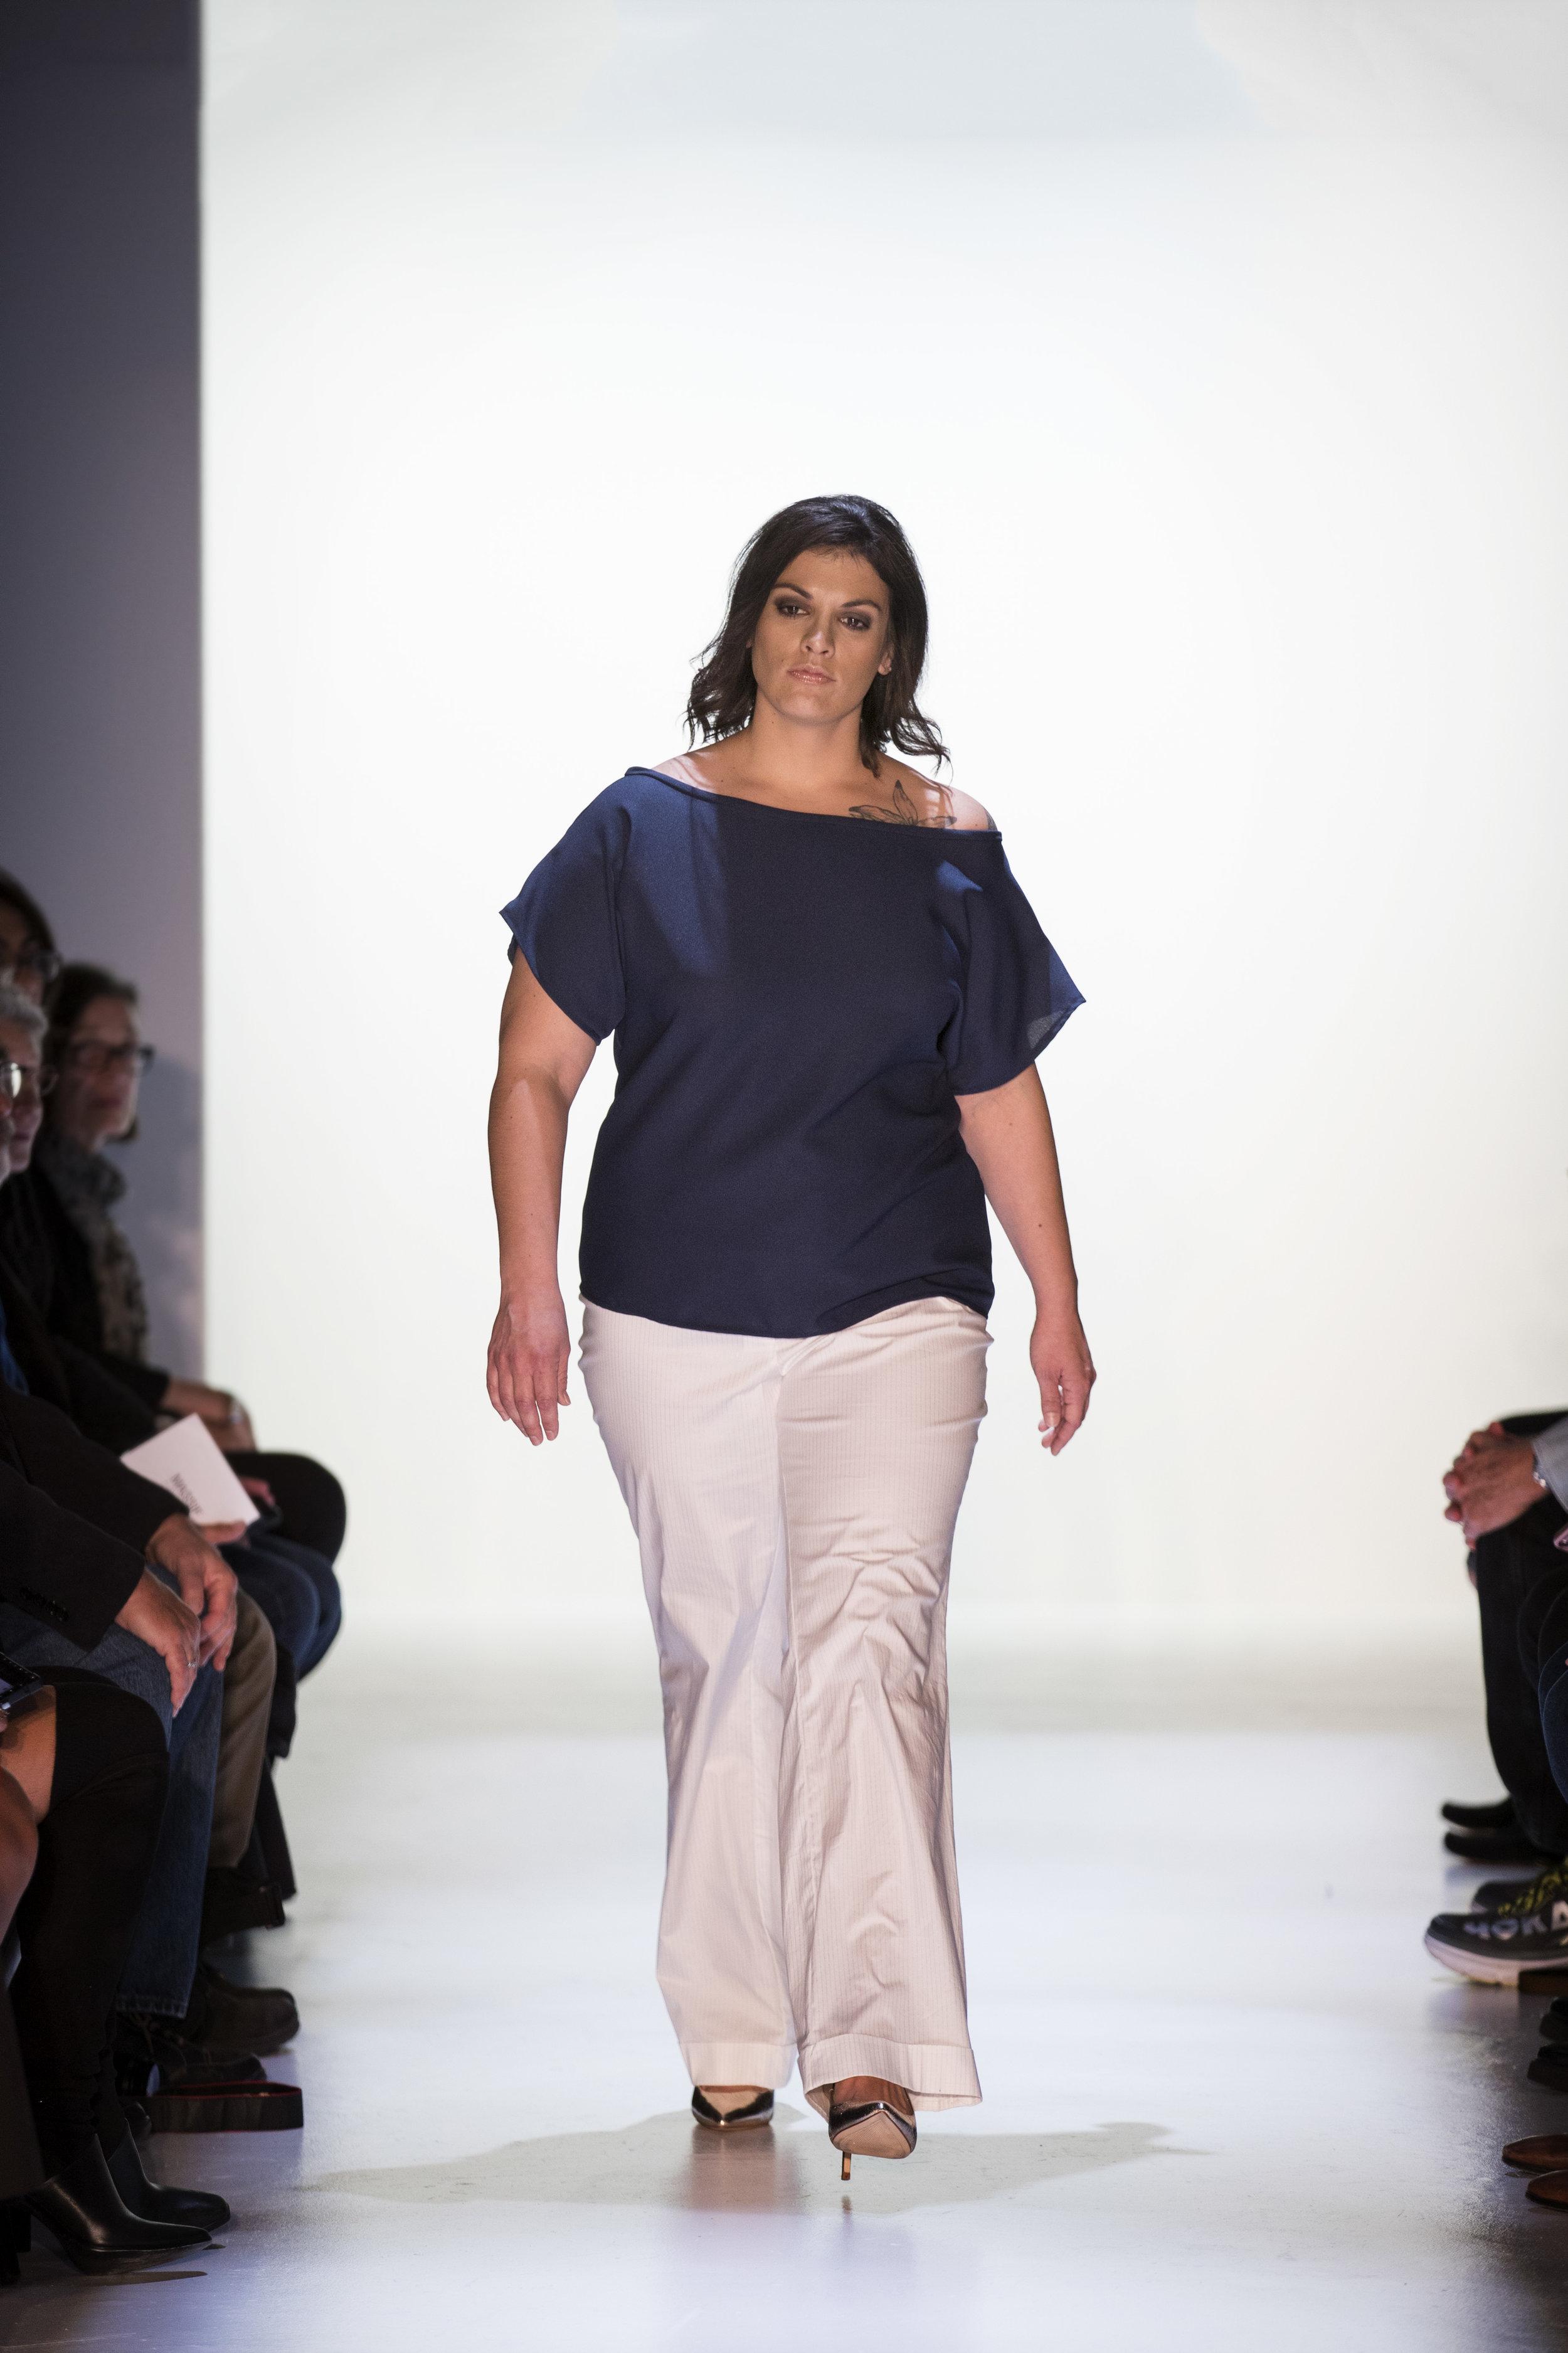 Massif Fashion Week 2017 Day 3 Stephanie Carlson - 004.jpg